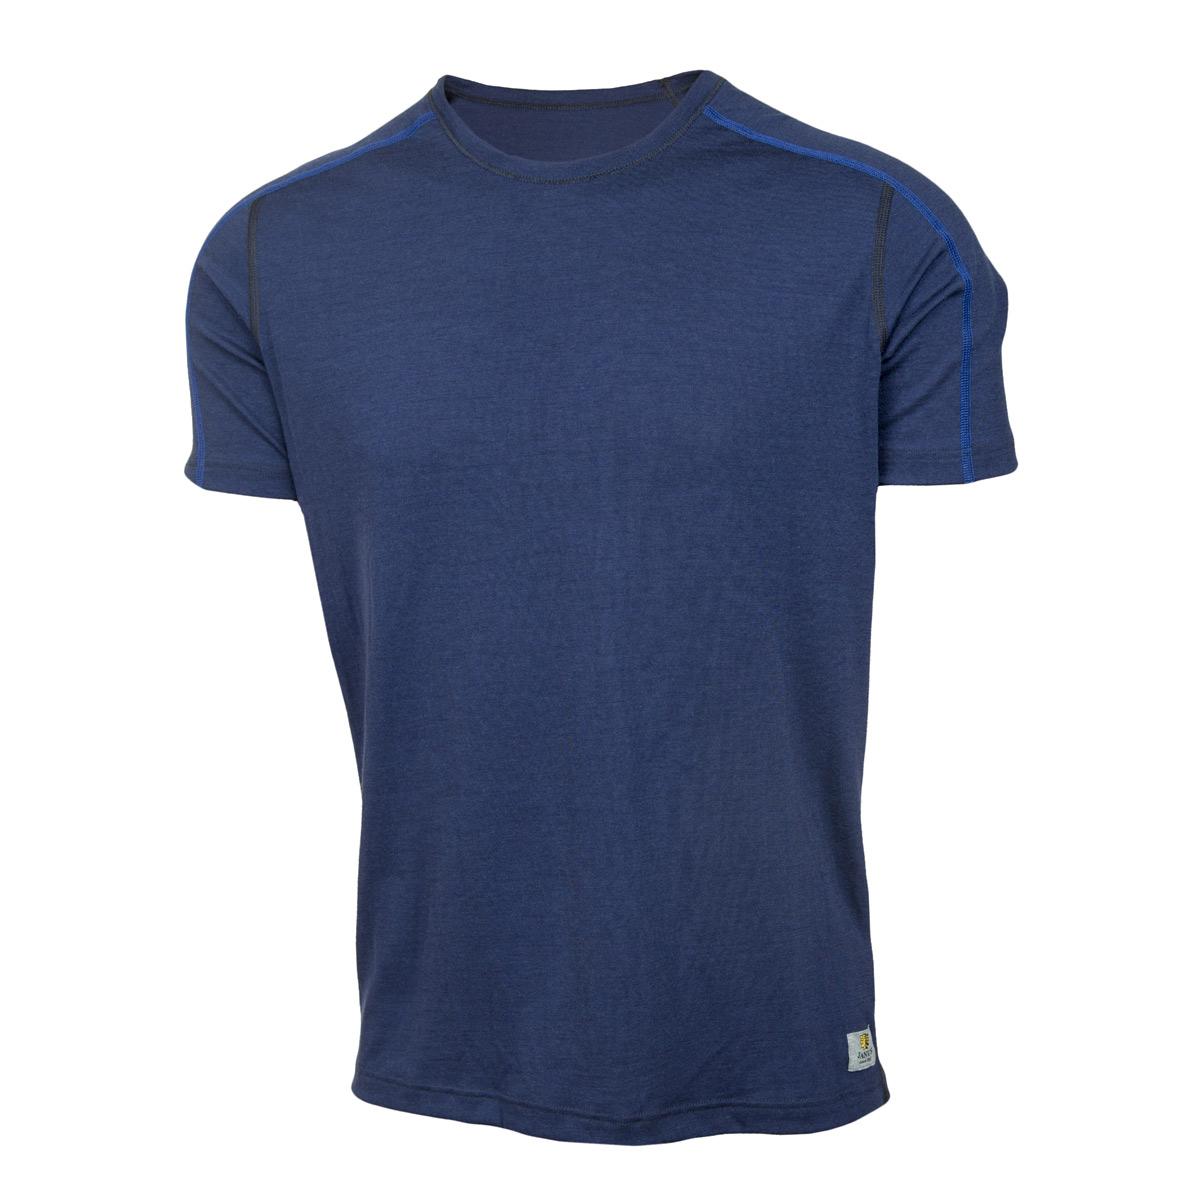 Janus LightWool herr t-shirt 100% merinoull marinblå